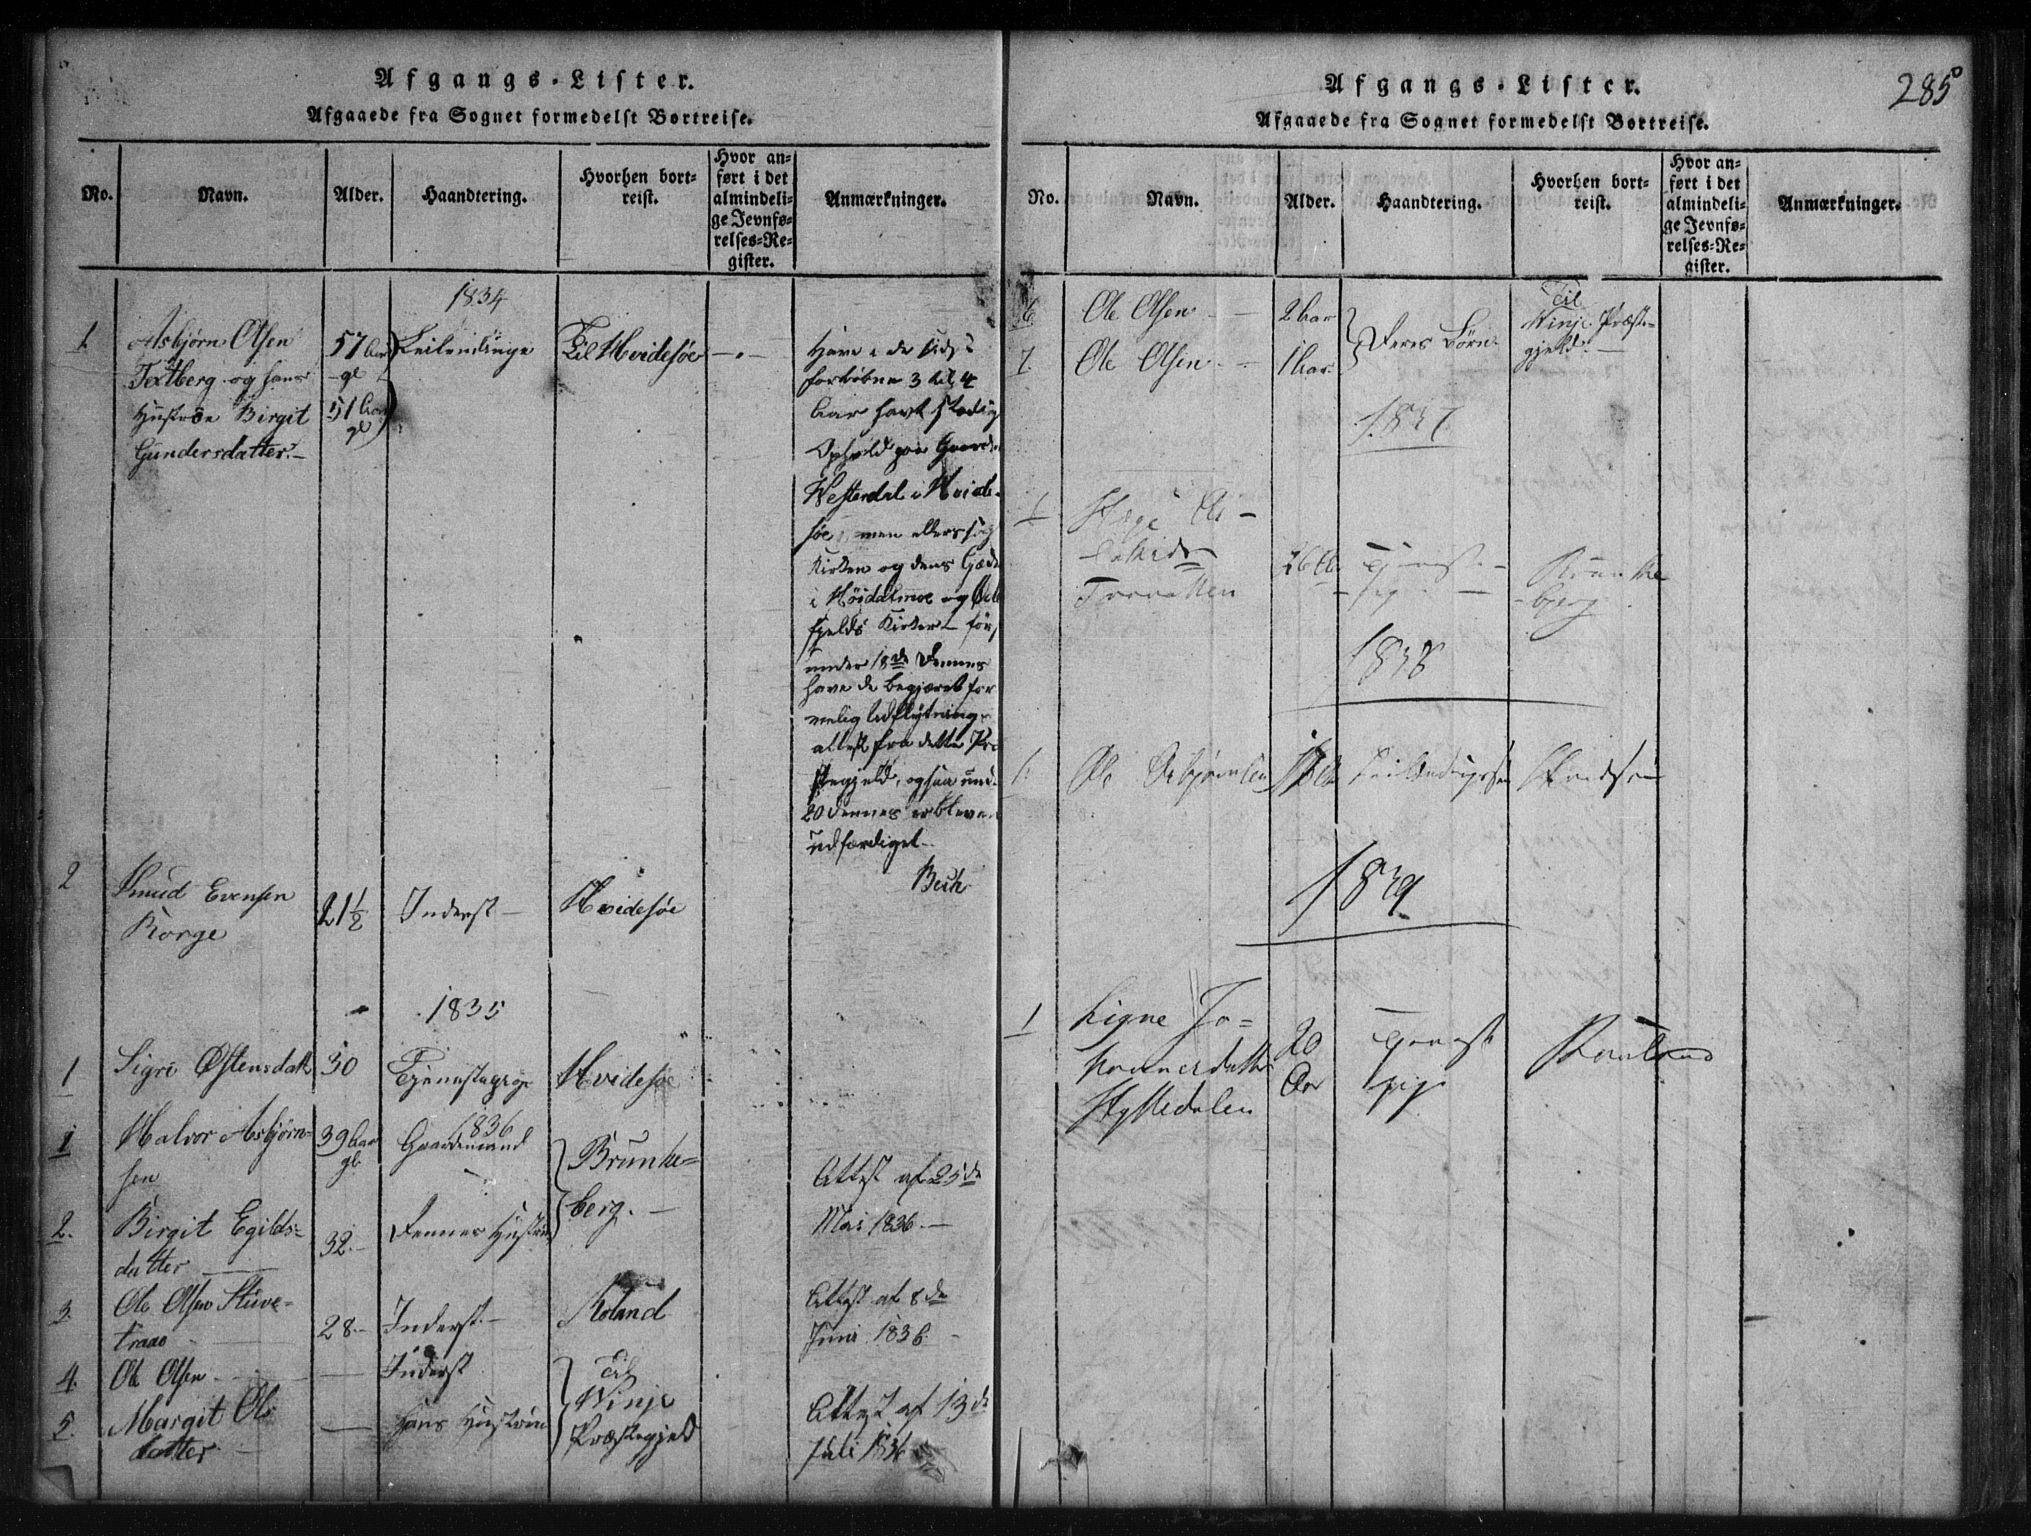 SAKO, Rauland kirkebøker, G/Gb/L0001: Klokkerbok nr. II 1, 1815-1886, s. 285